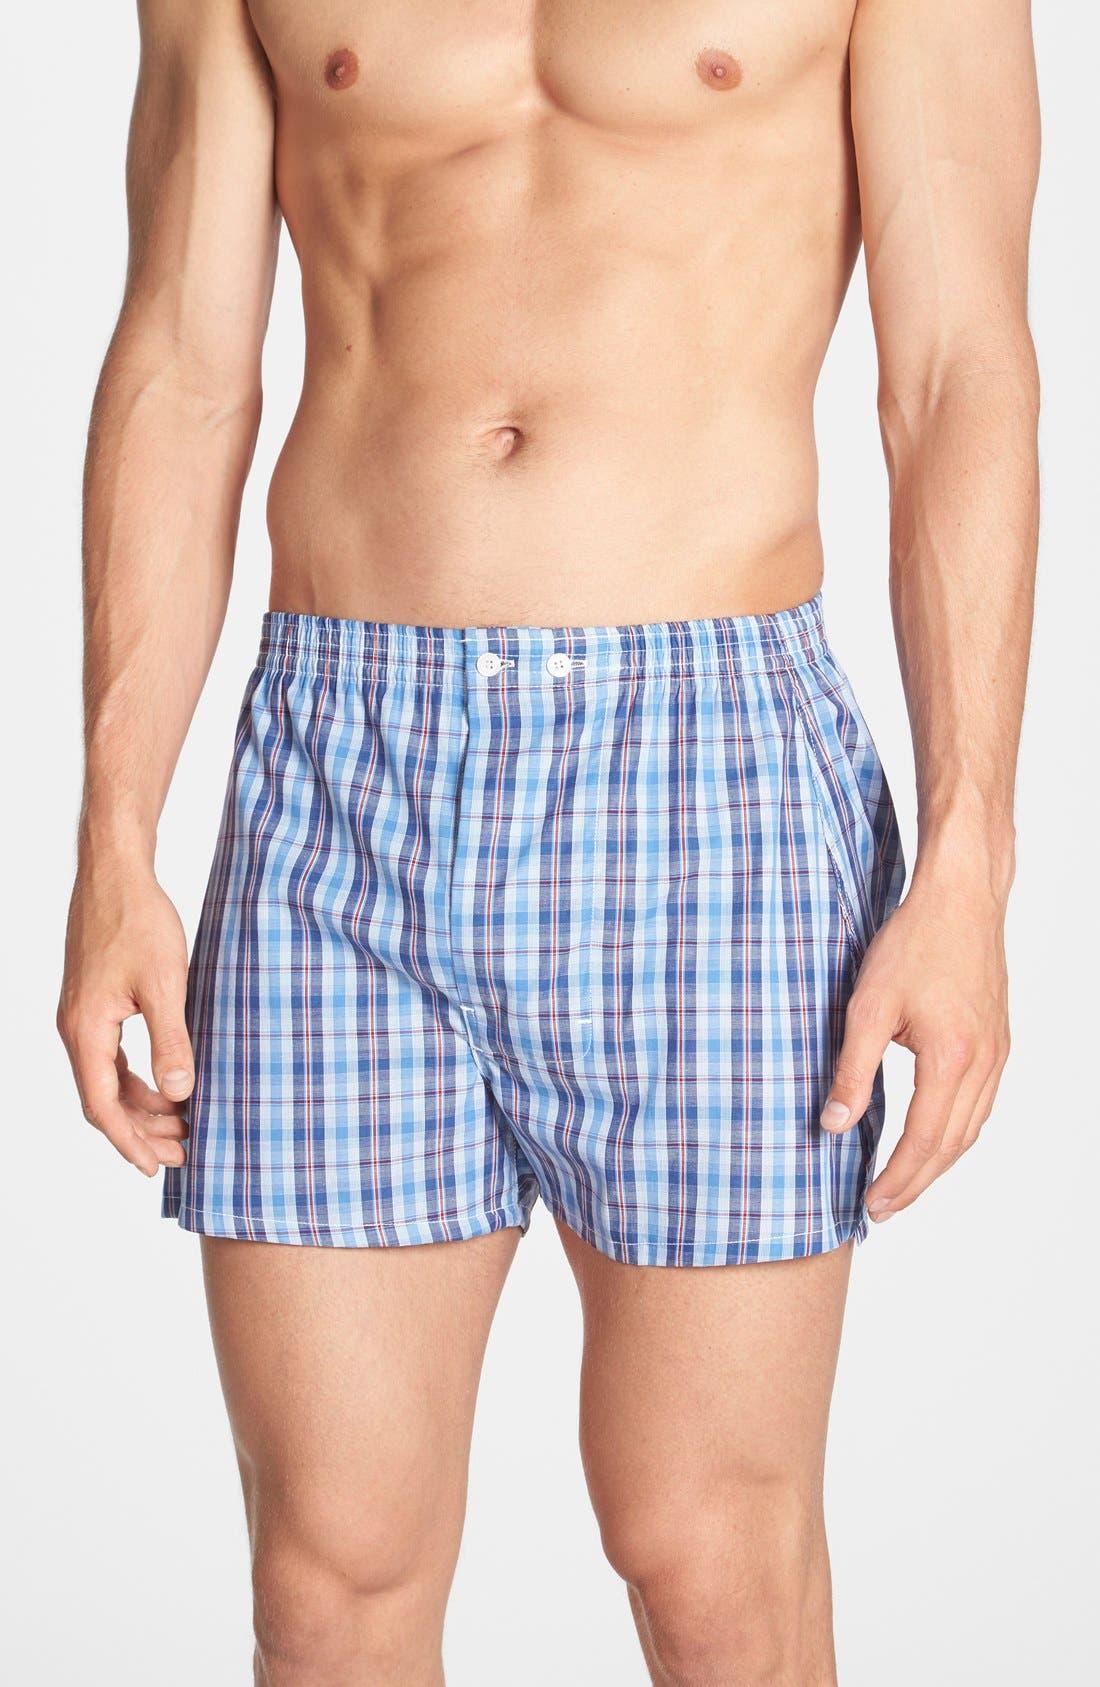 Nordstrom Men's Shop Classic Fit Cotton Boxers (3 for $39.50)